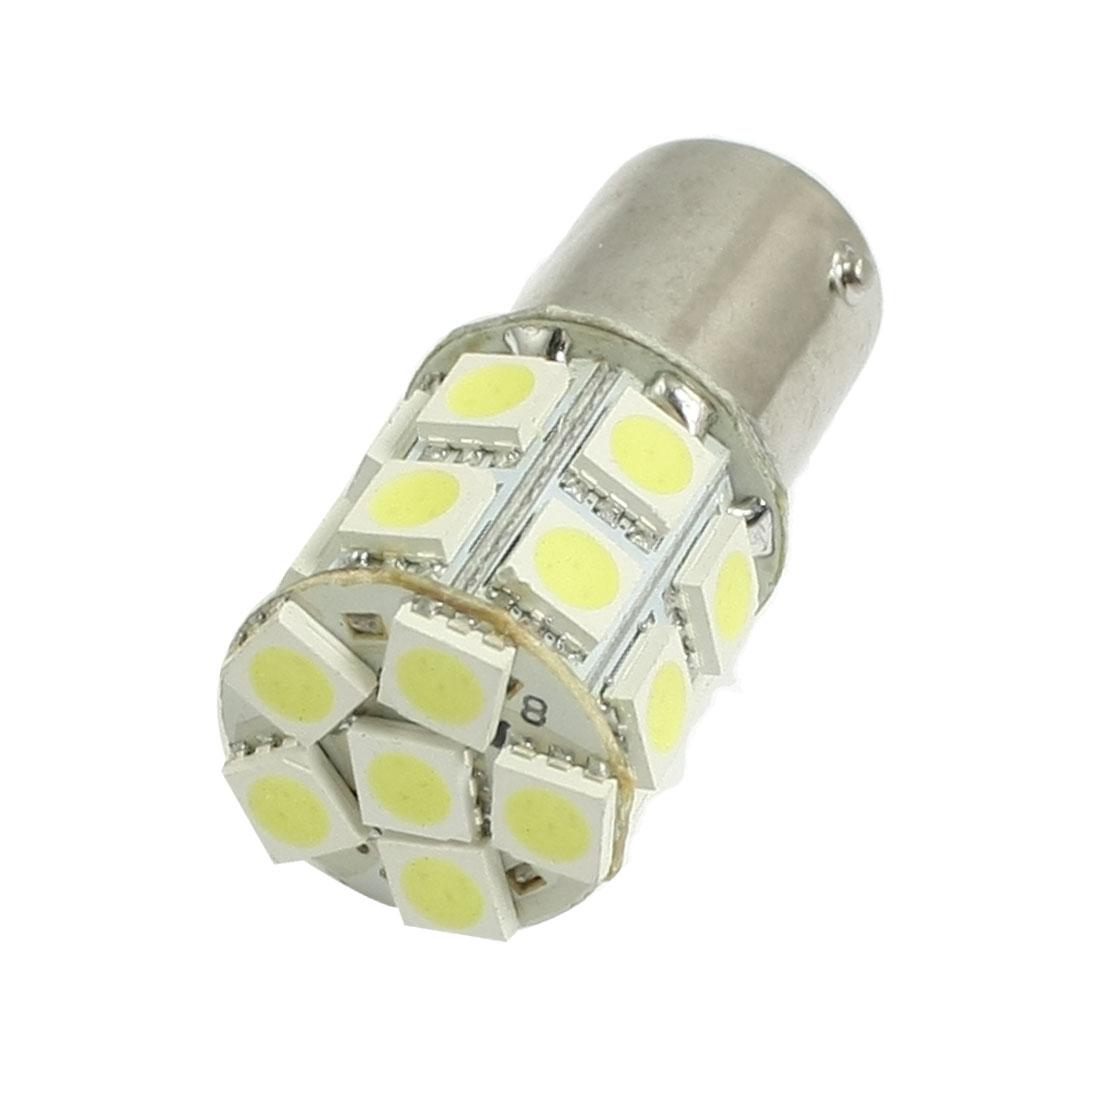 Car White 20 LED 1156 BA15S 5050 SMD Indicator Backup Tail Turn Light